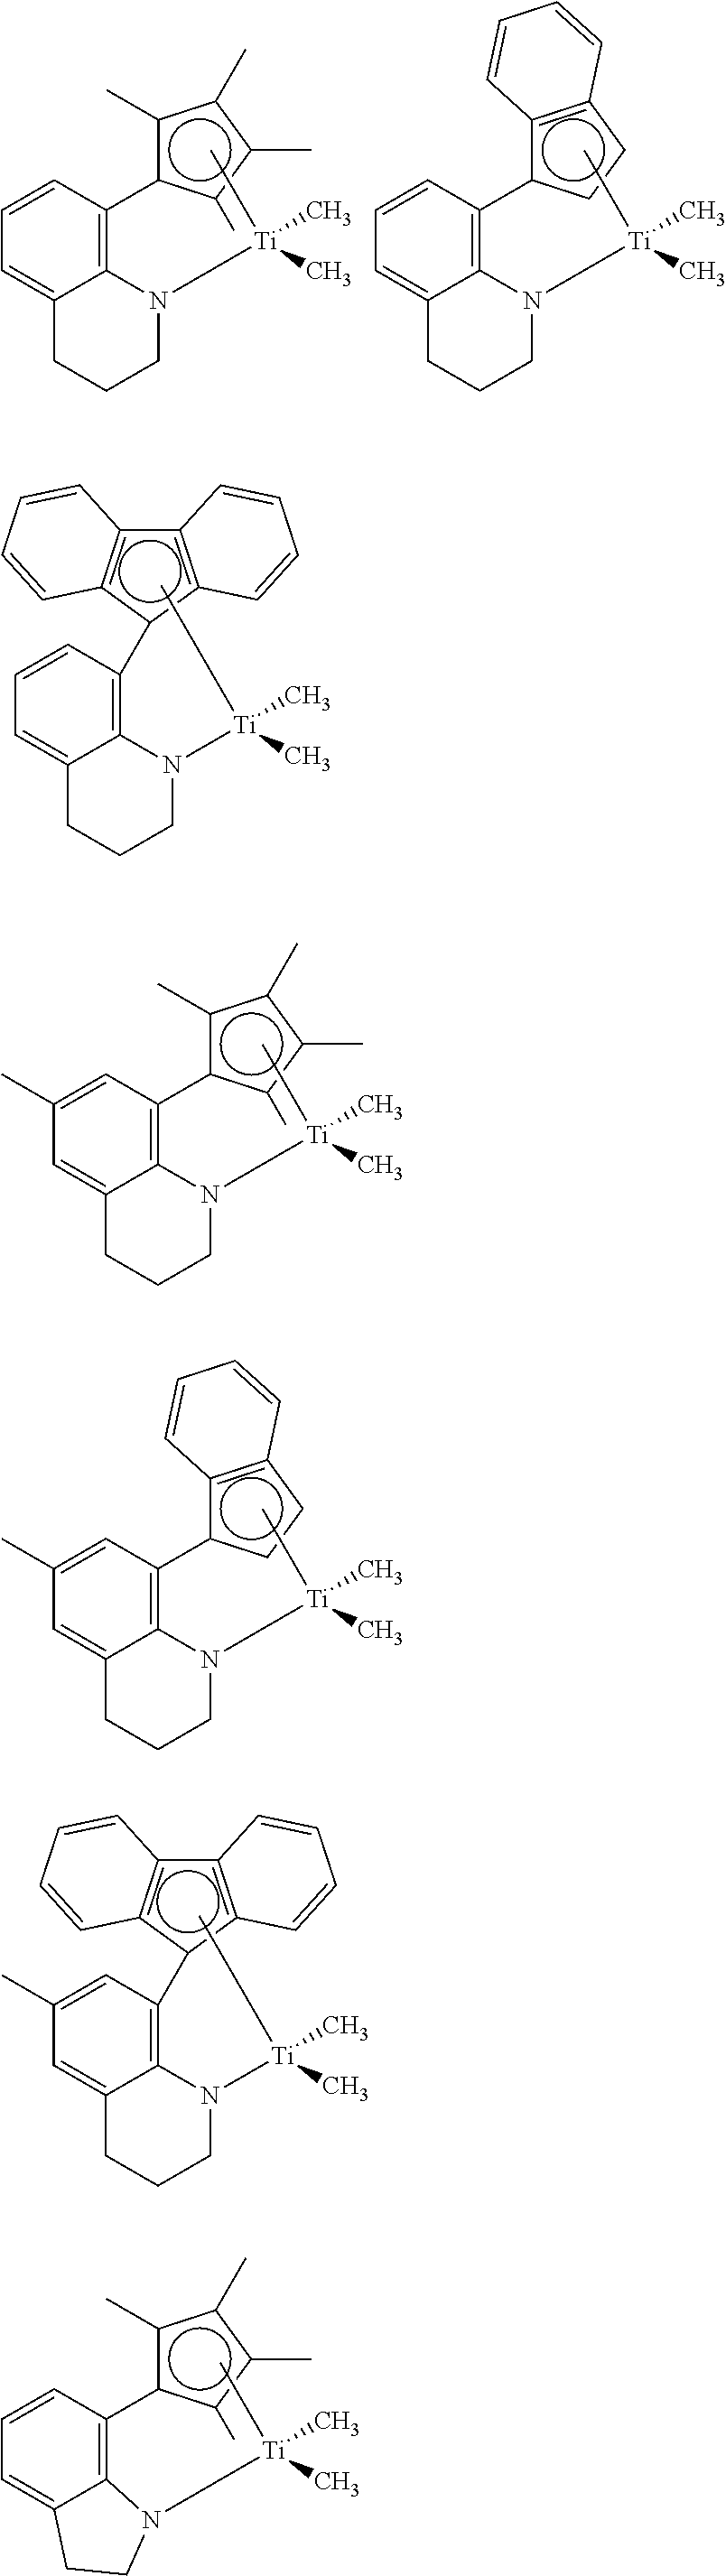 Figure US07932207-20110426-C00030